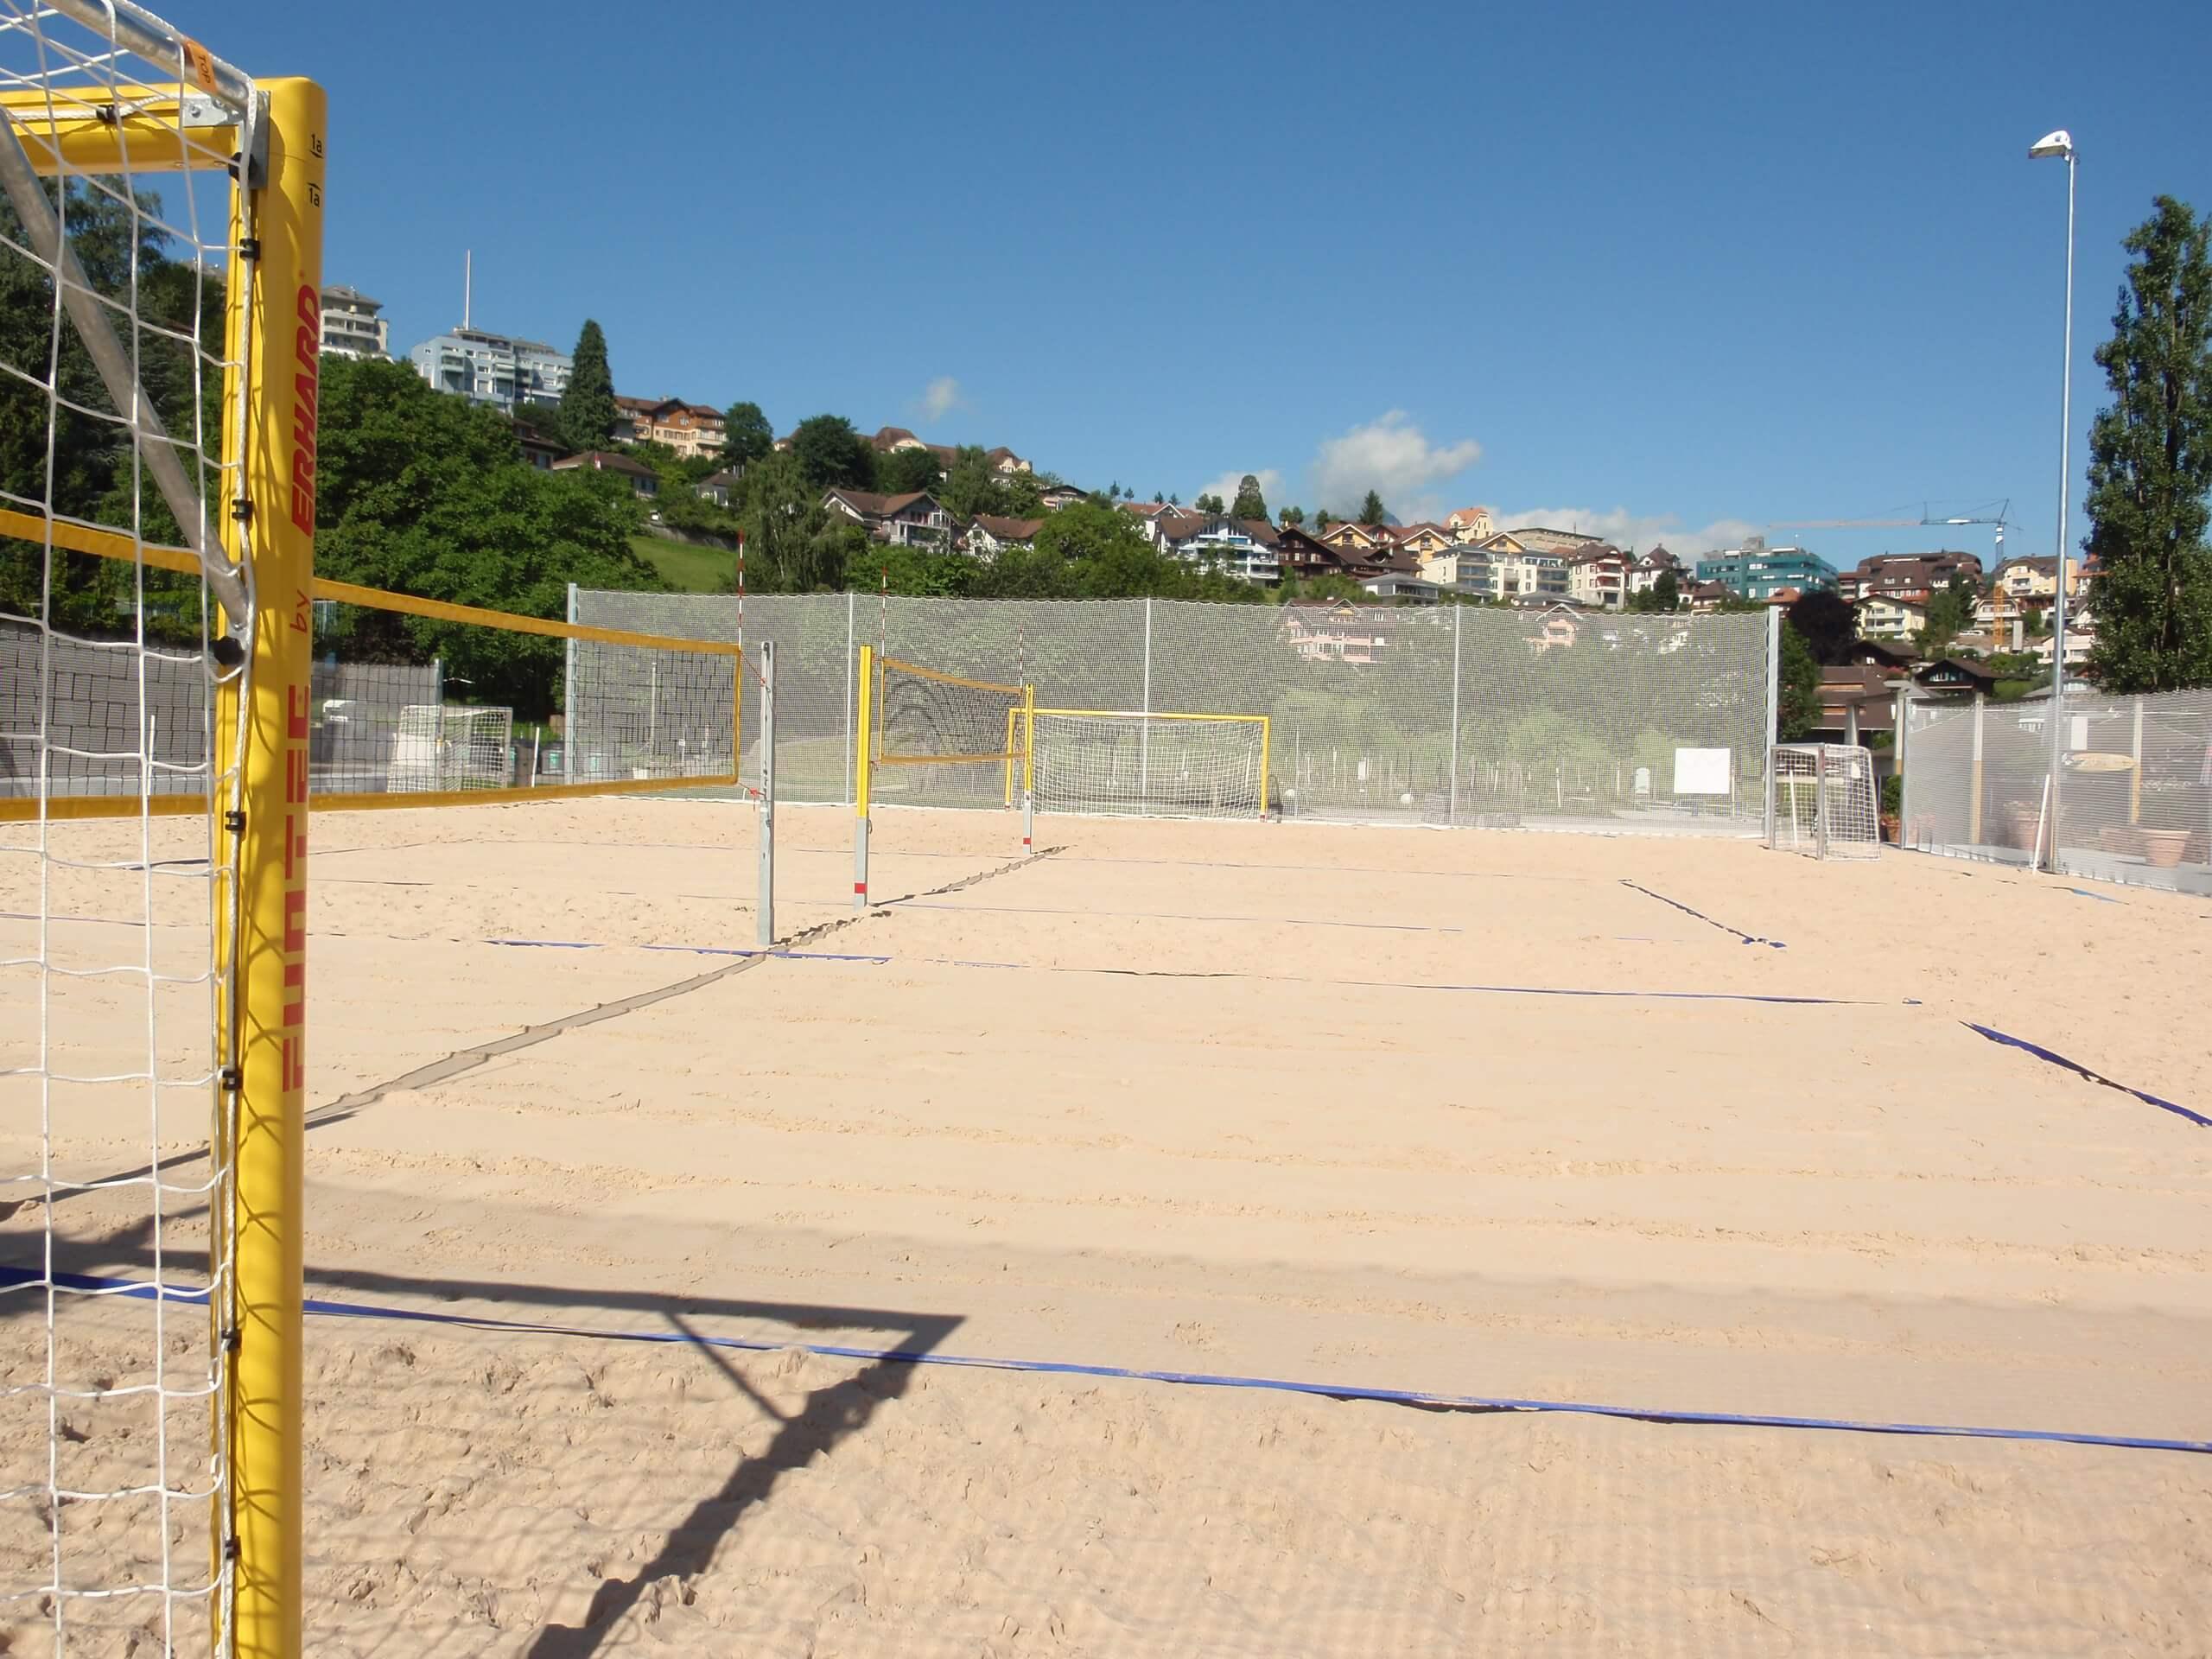 bucht-beach arena-spiez-sommer.JPG